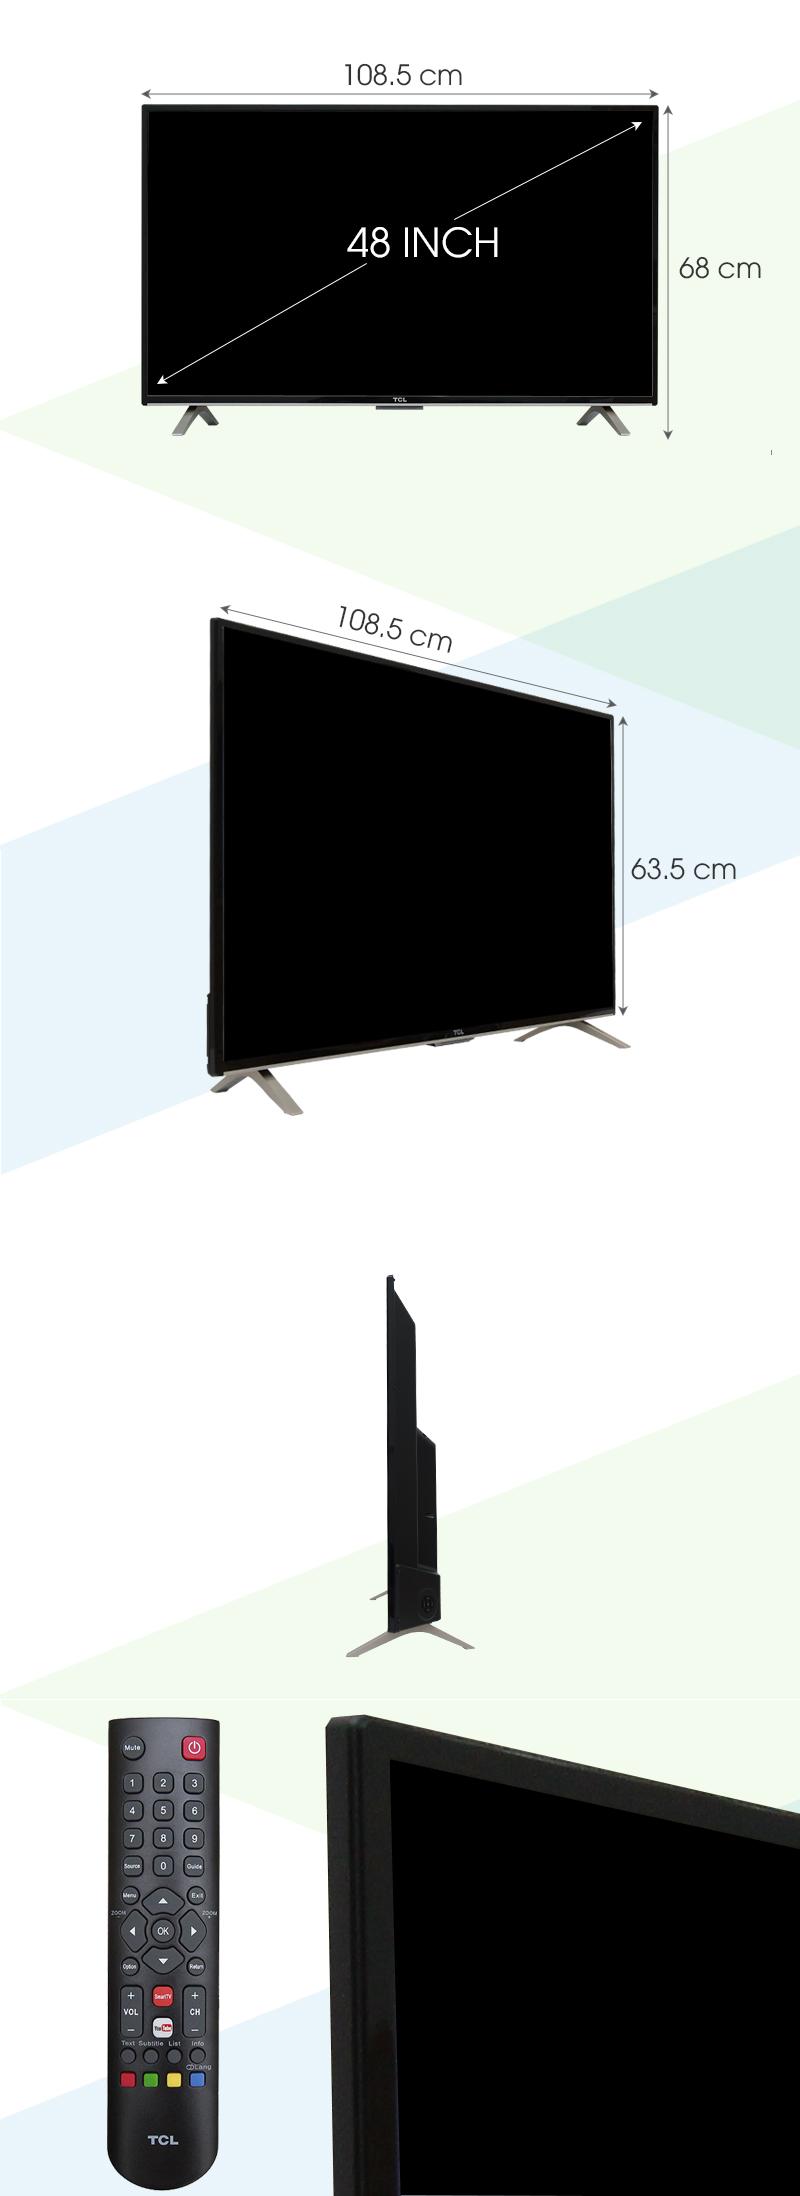 Internet Tivi TCL 48 inch L48D2790 - Kích thước tivi